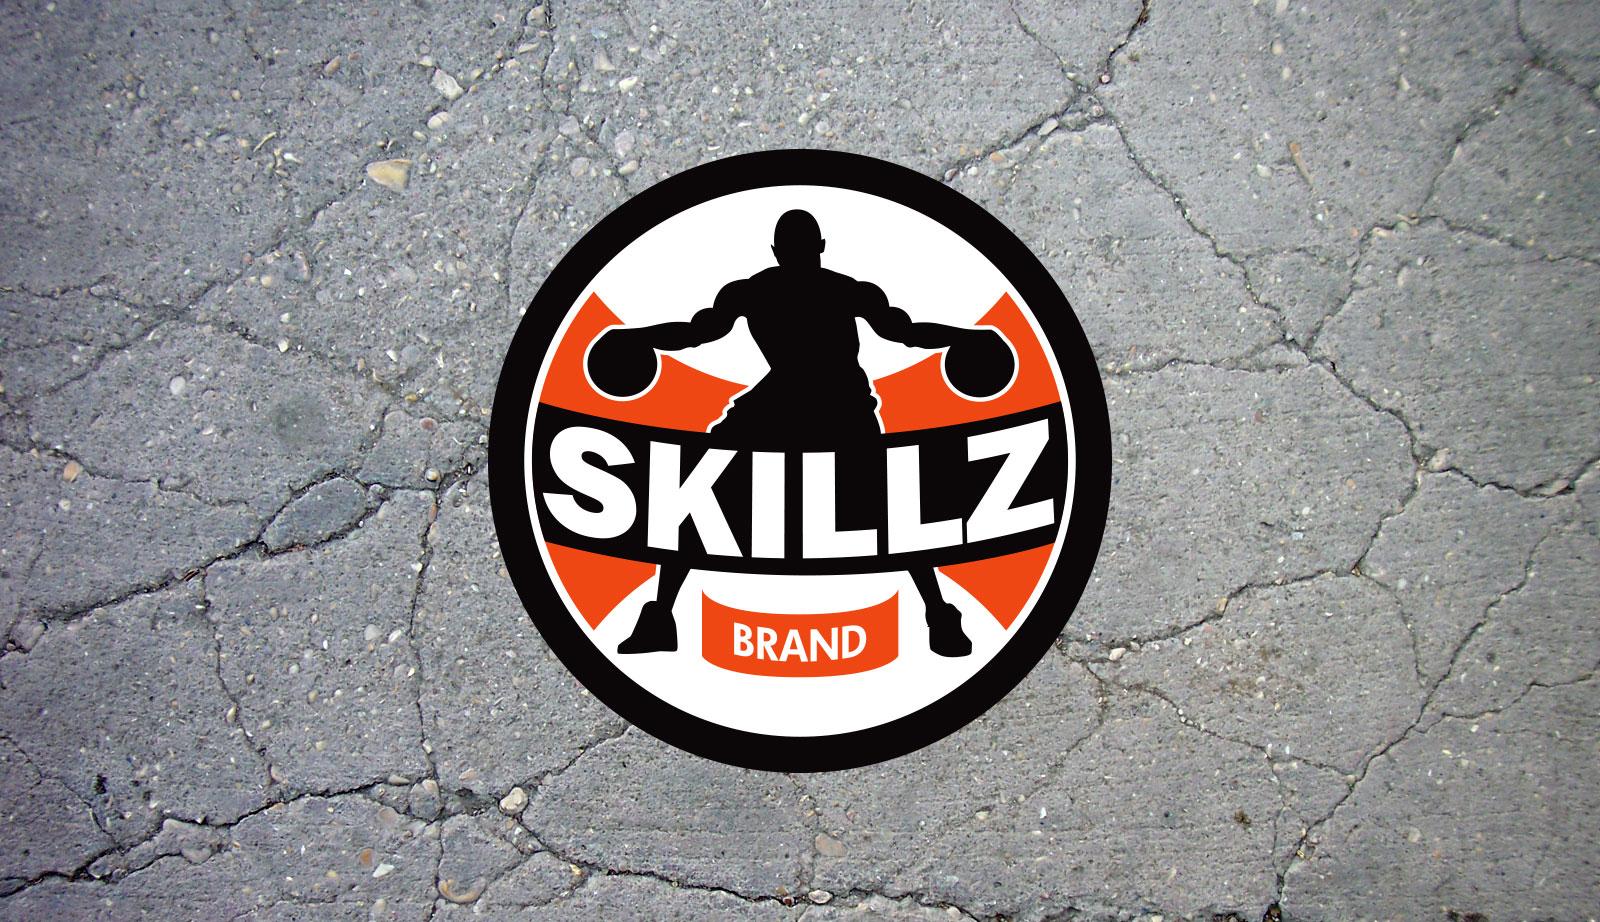 logo_skillz_brand_presentation01